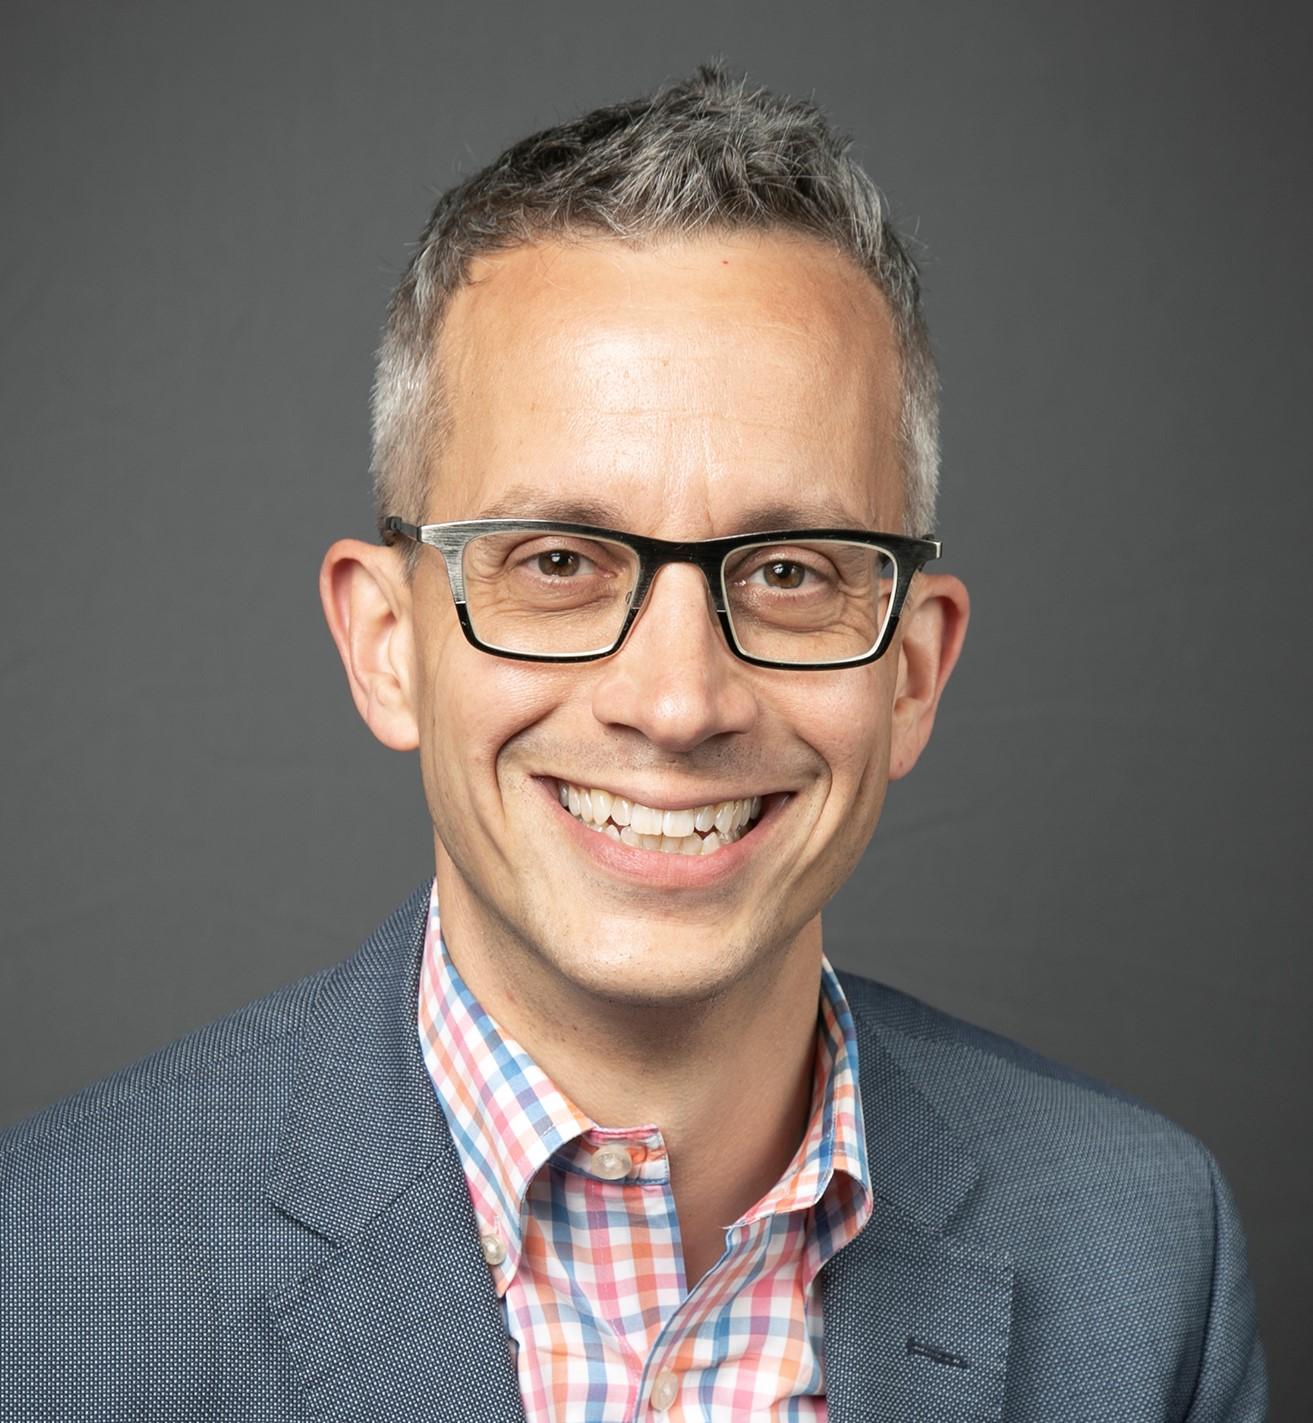 Photo of Jared Baeten